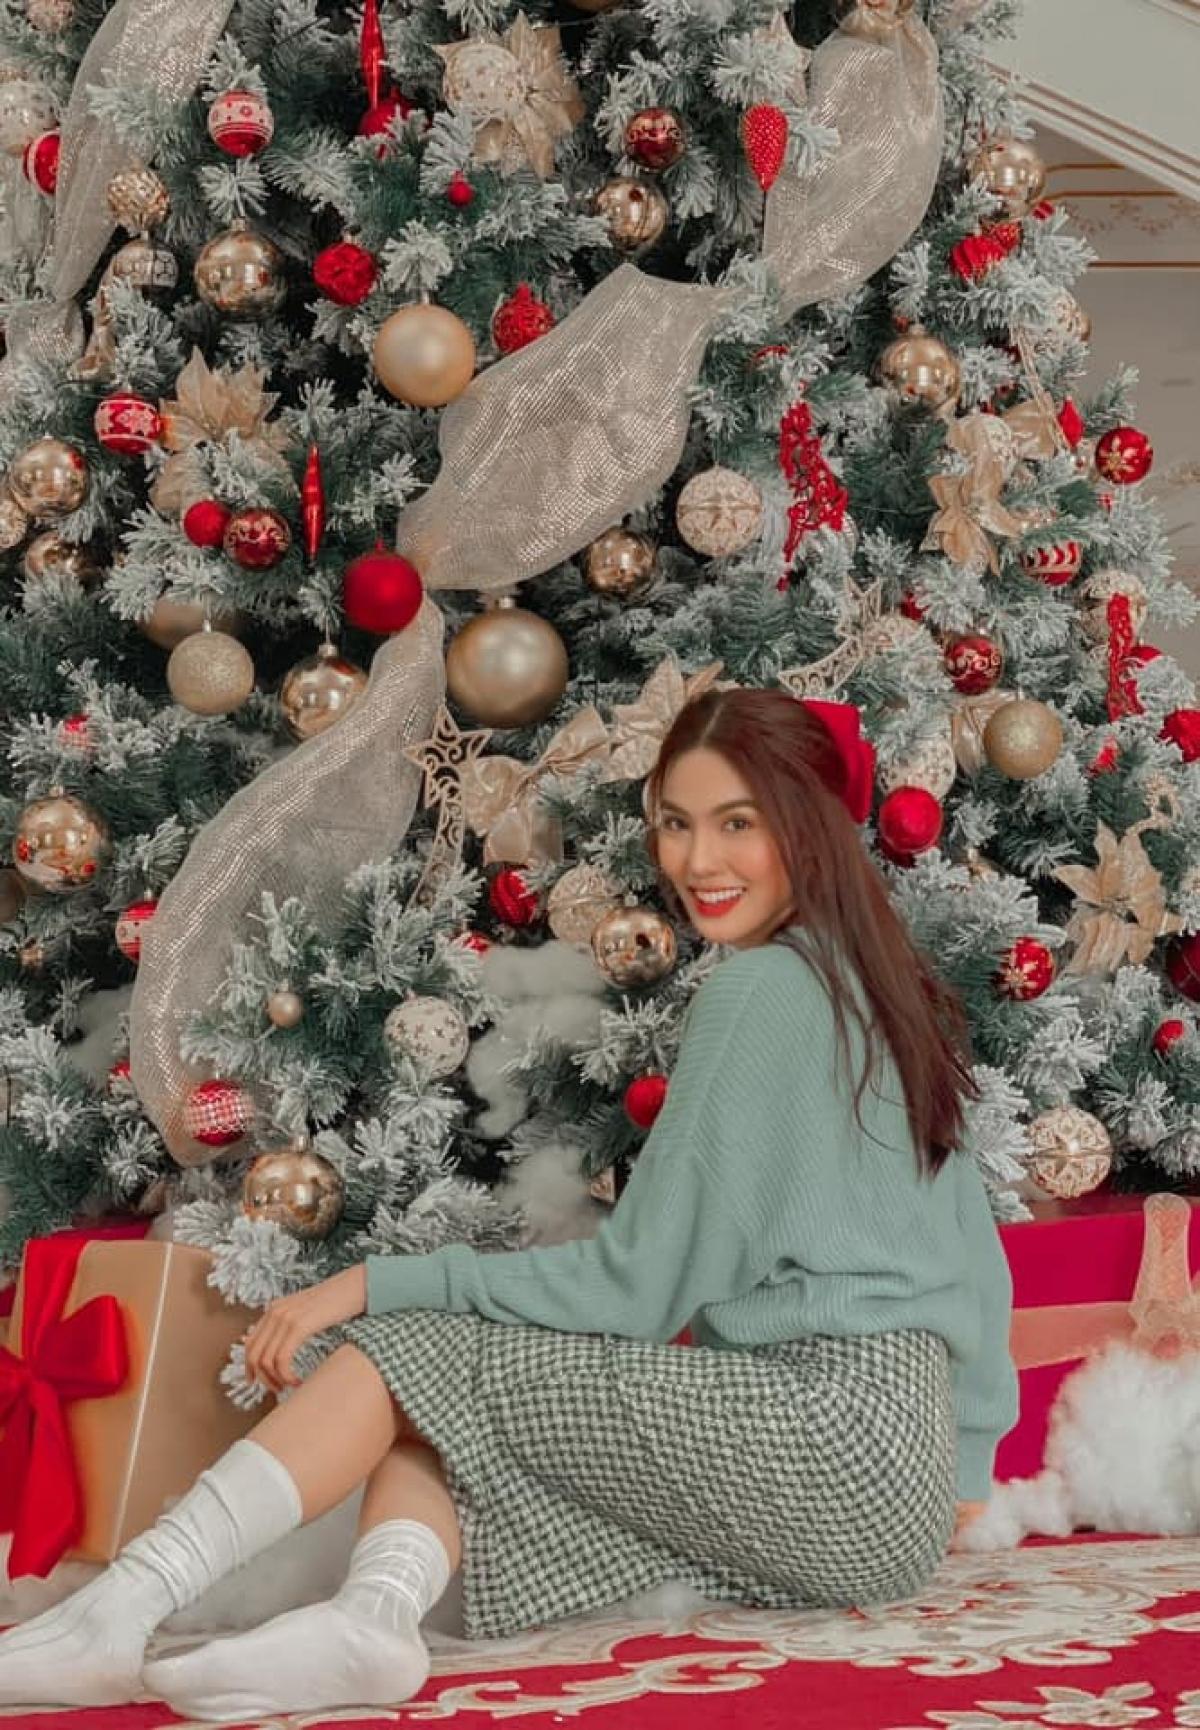 Lan Khuê được khen ngày càng xinh đẹp và nhuận sắc sau khi sinh con gái. Người đẹp diện chân váy kẻ đơn giản, áo len màu xanh bạc hà, đánh son đỏ bên cây thông Noel trang trí cầy kỳ tại nhà.